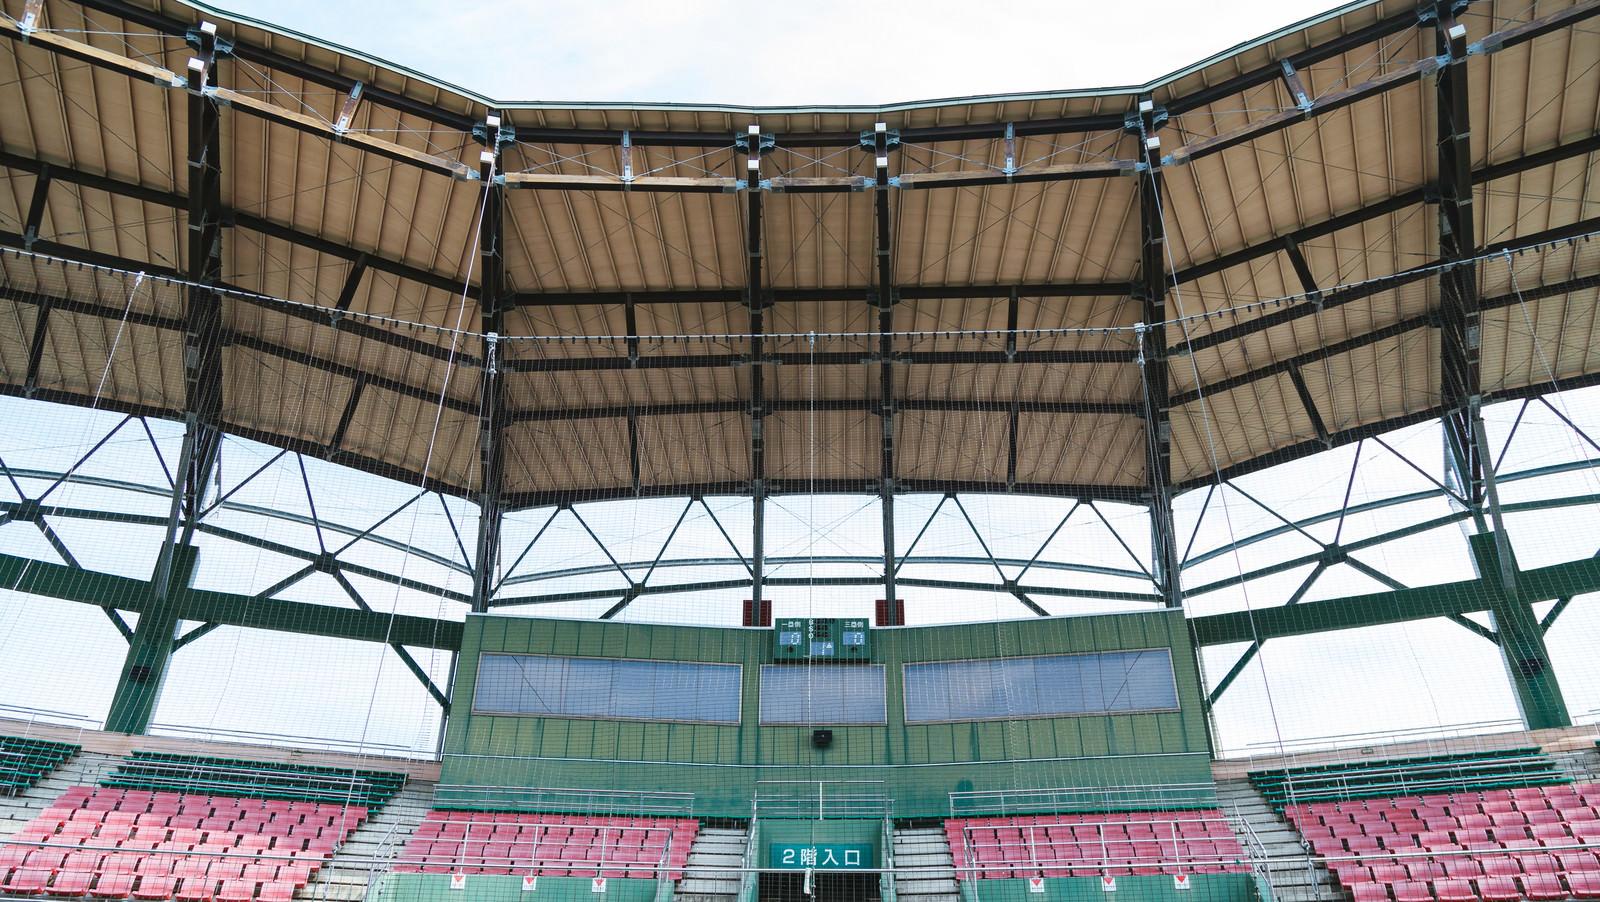 「天福球場のネット裏の屋根天福球場のネット裏の屋根」のフリー写真素材を拡大